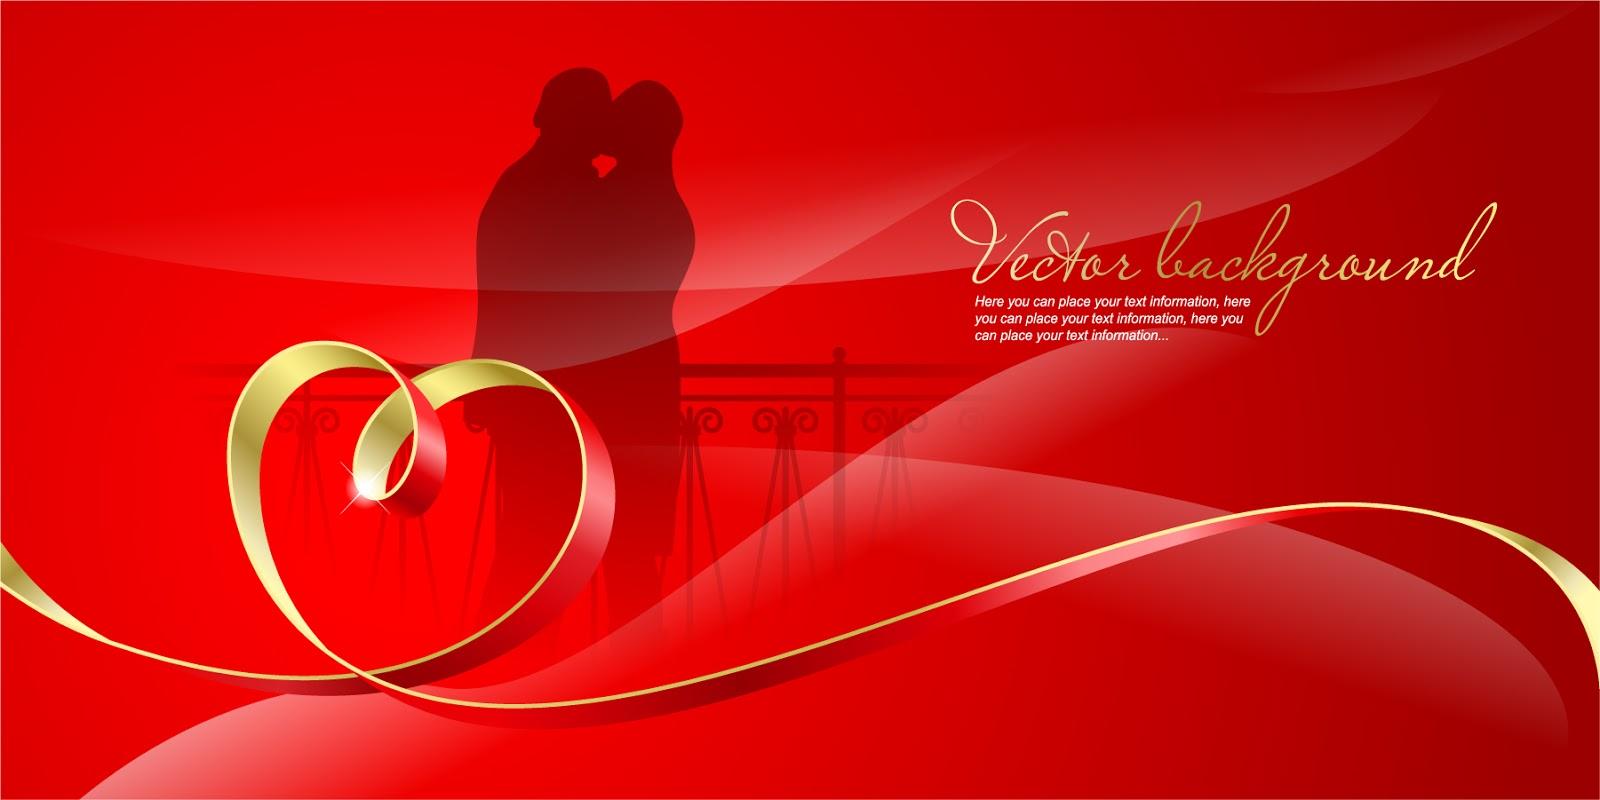 ロマンチックなハートリボンのバレンタインデー背景 romantic heartshaped ribbon background イラスト素材